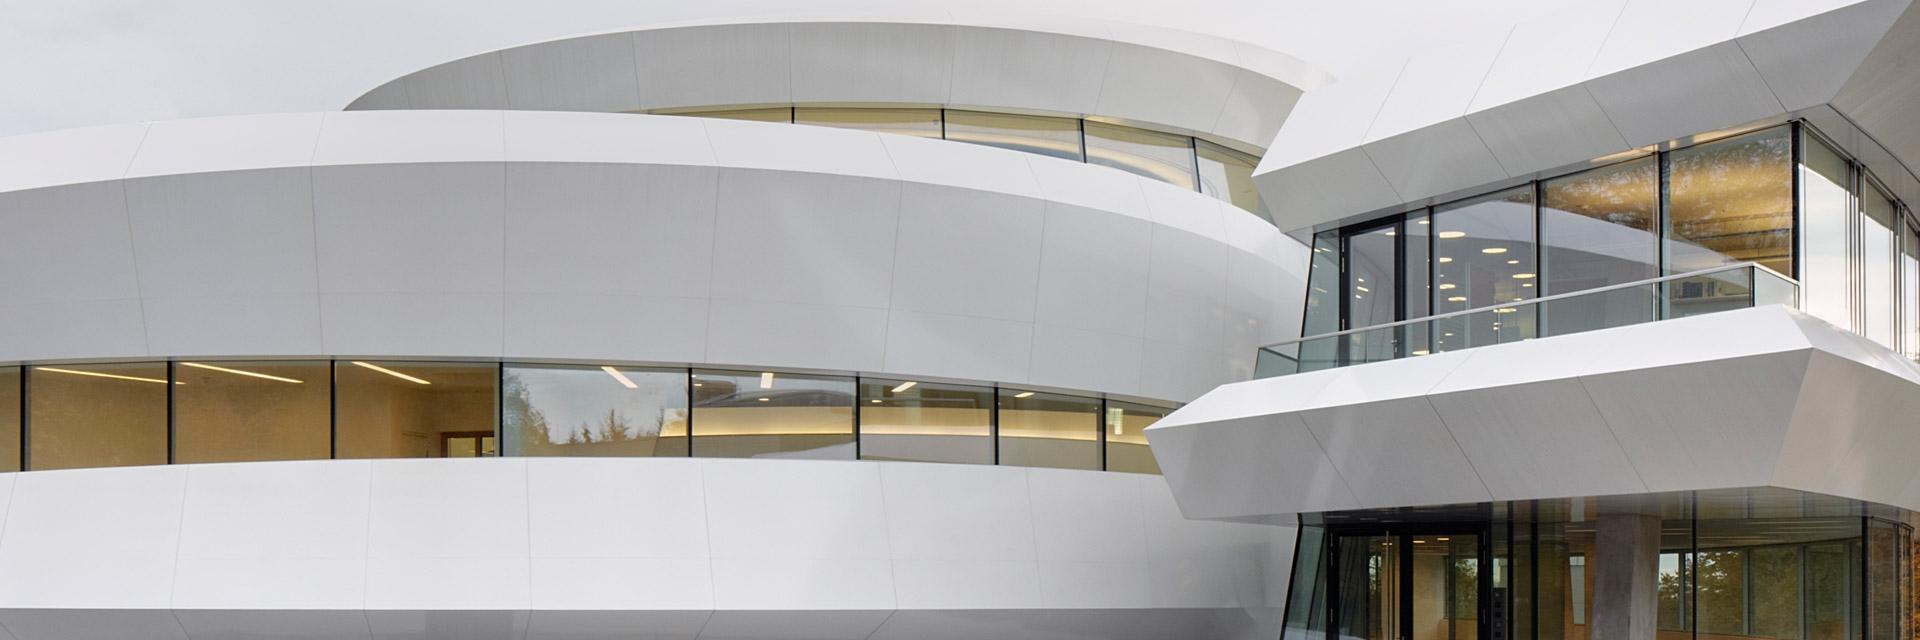 Duarflon eignet sich für alle Metallbauteile in der Fassade. Referenz: Haus der Astronomie, Heidelberg